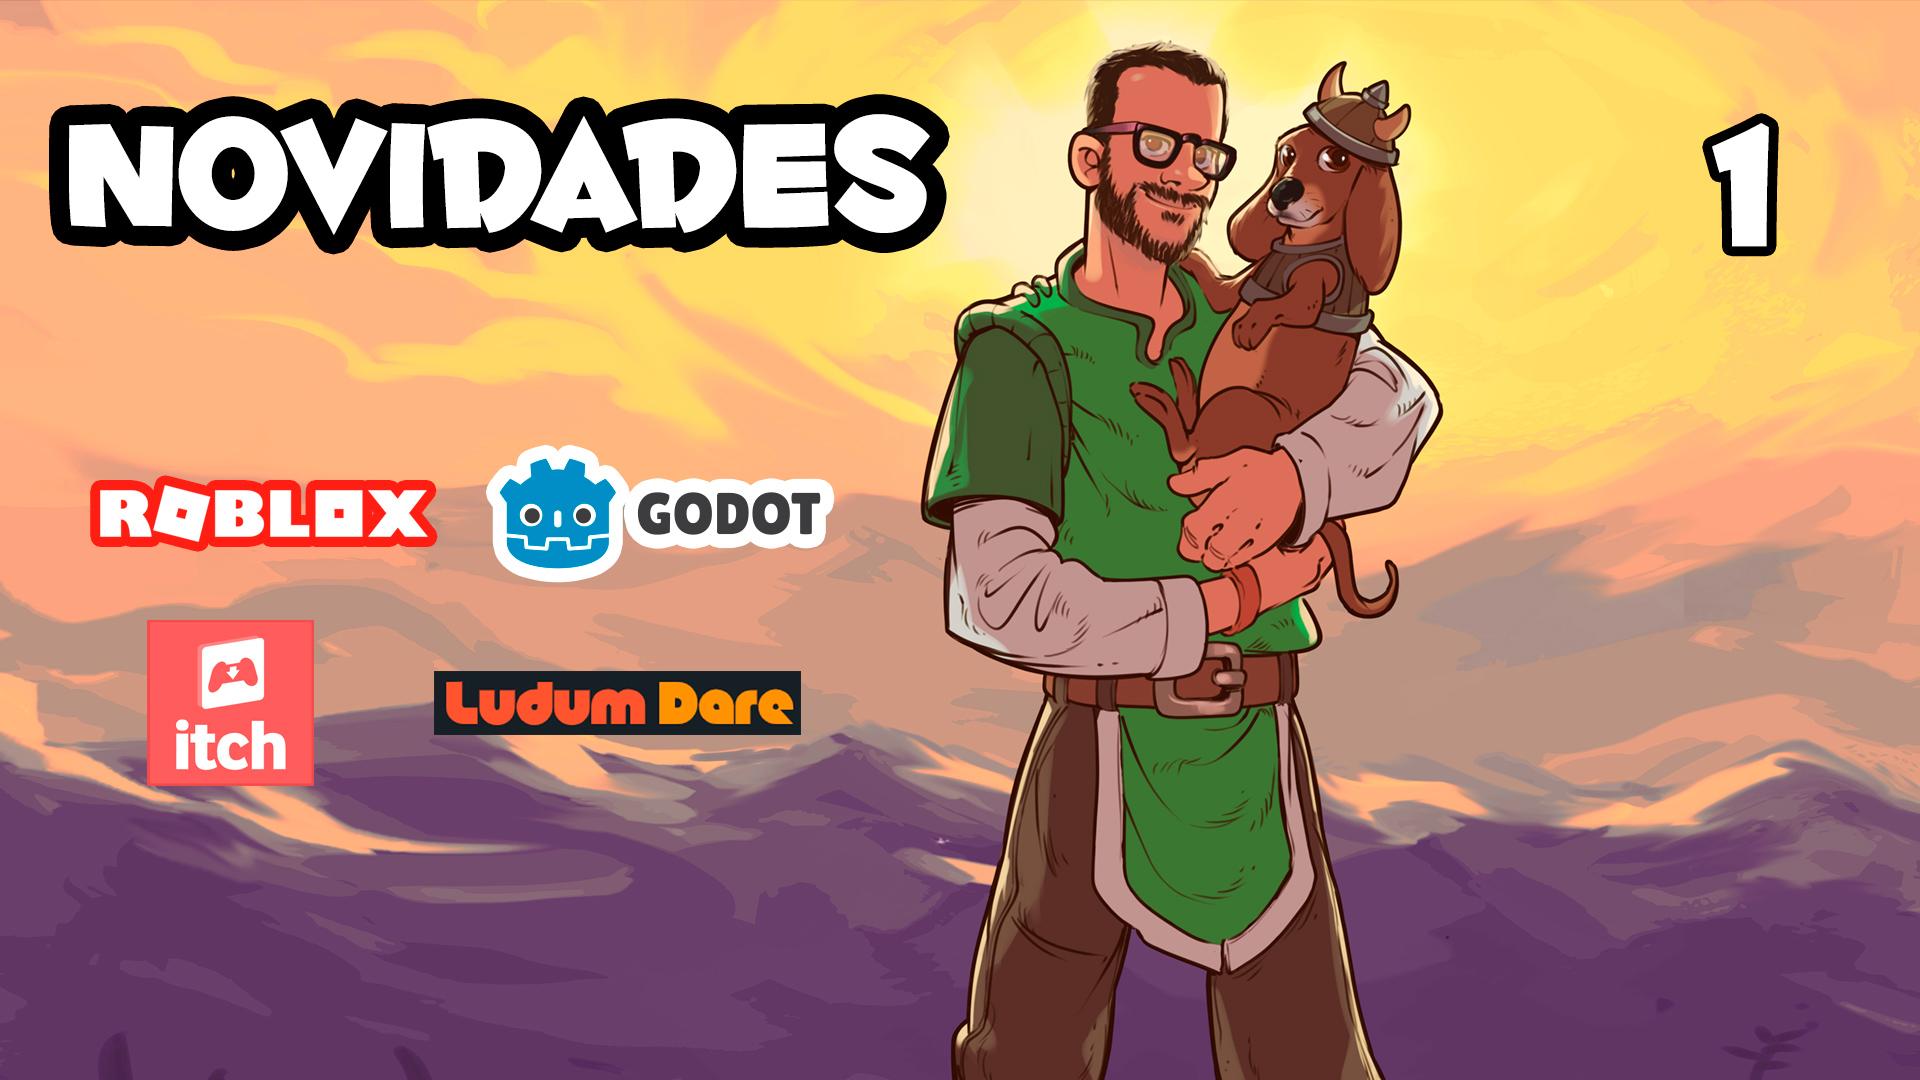 Educador Roblox Oficial, Curso Avançado Godot, Documentário Ludum Dare, 1500 Jogos – Novidades Cria Jogo